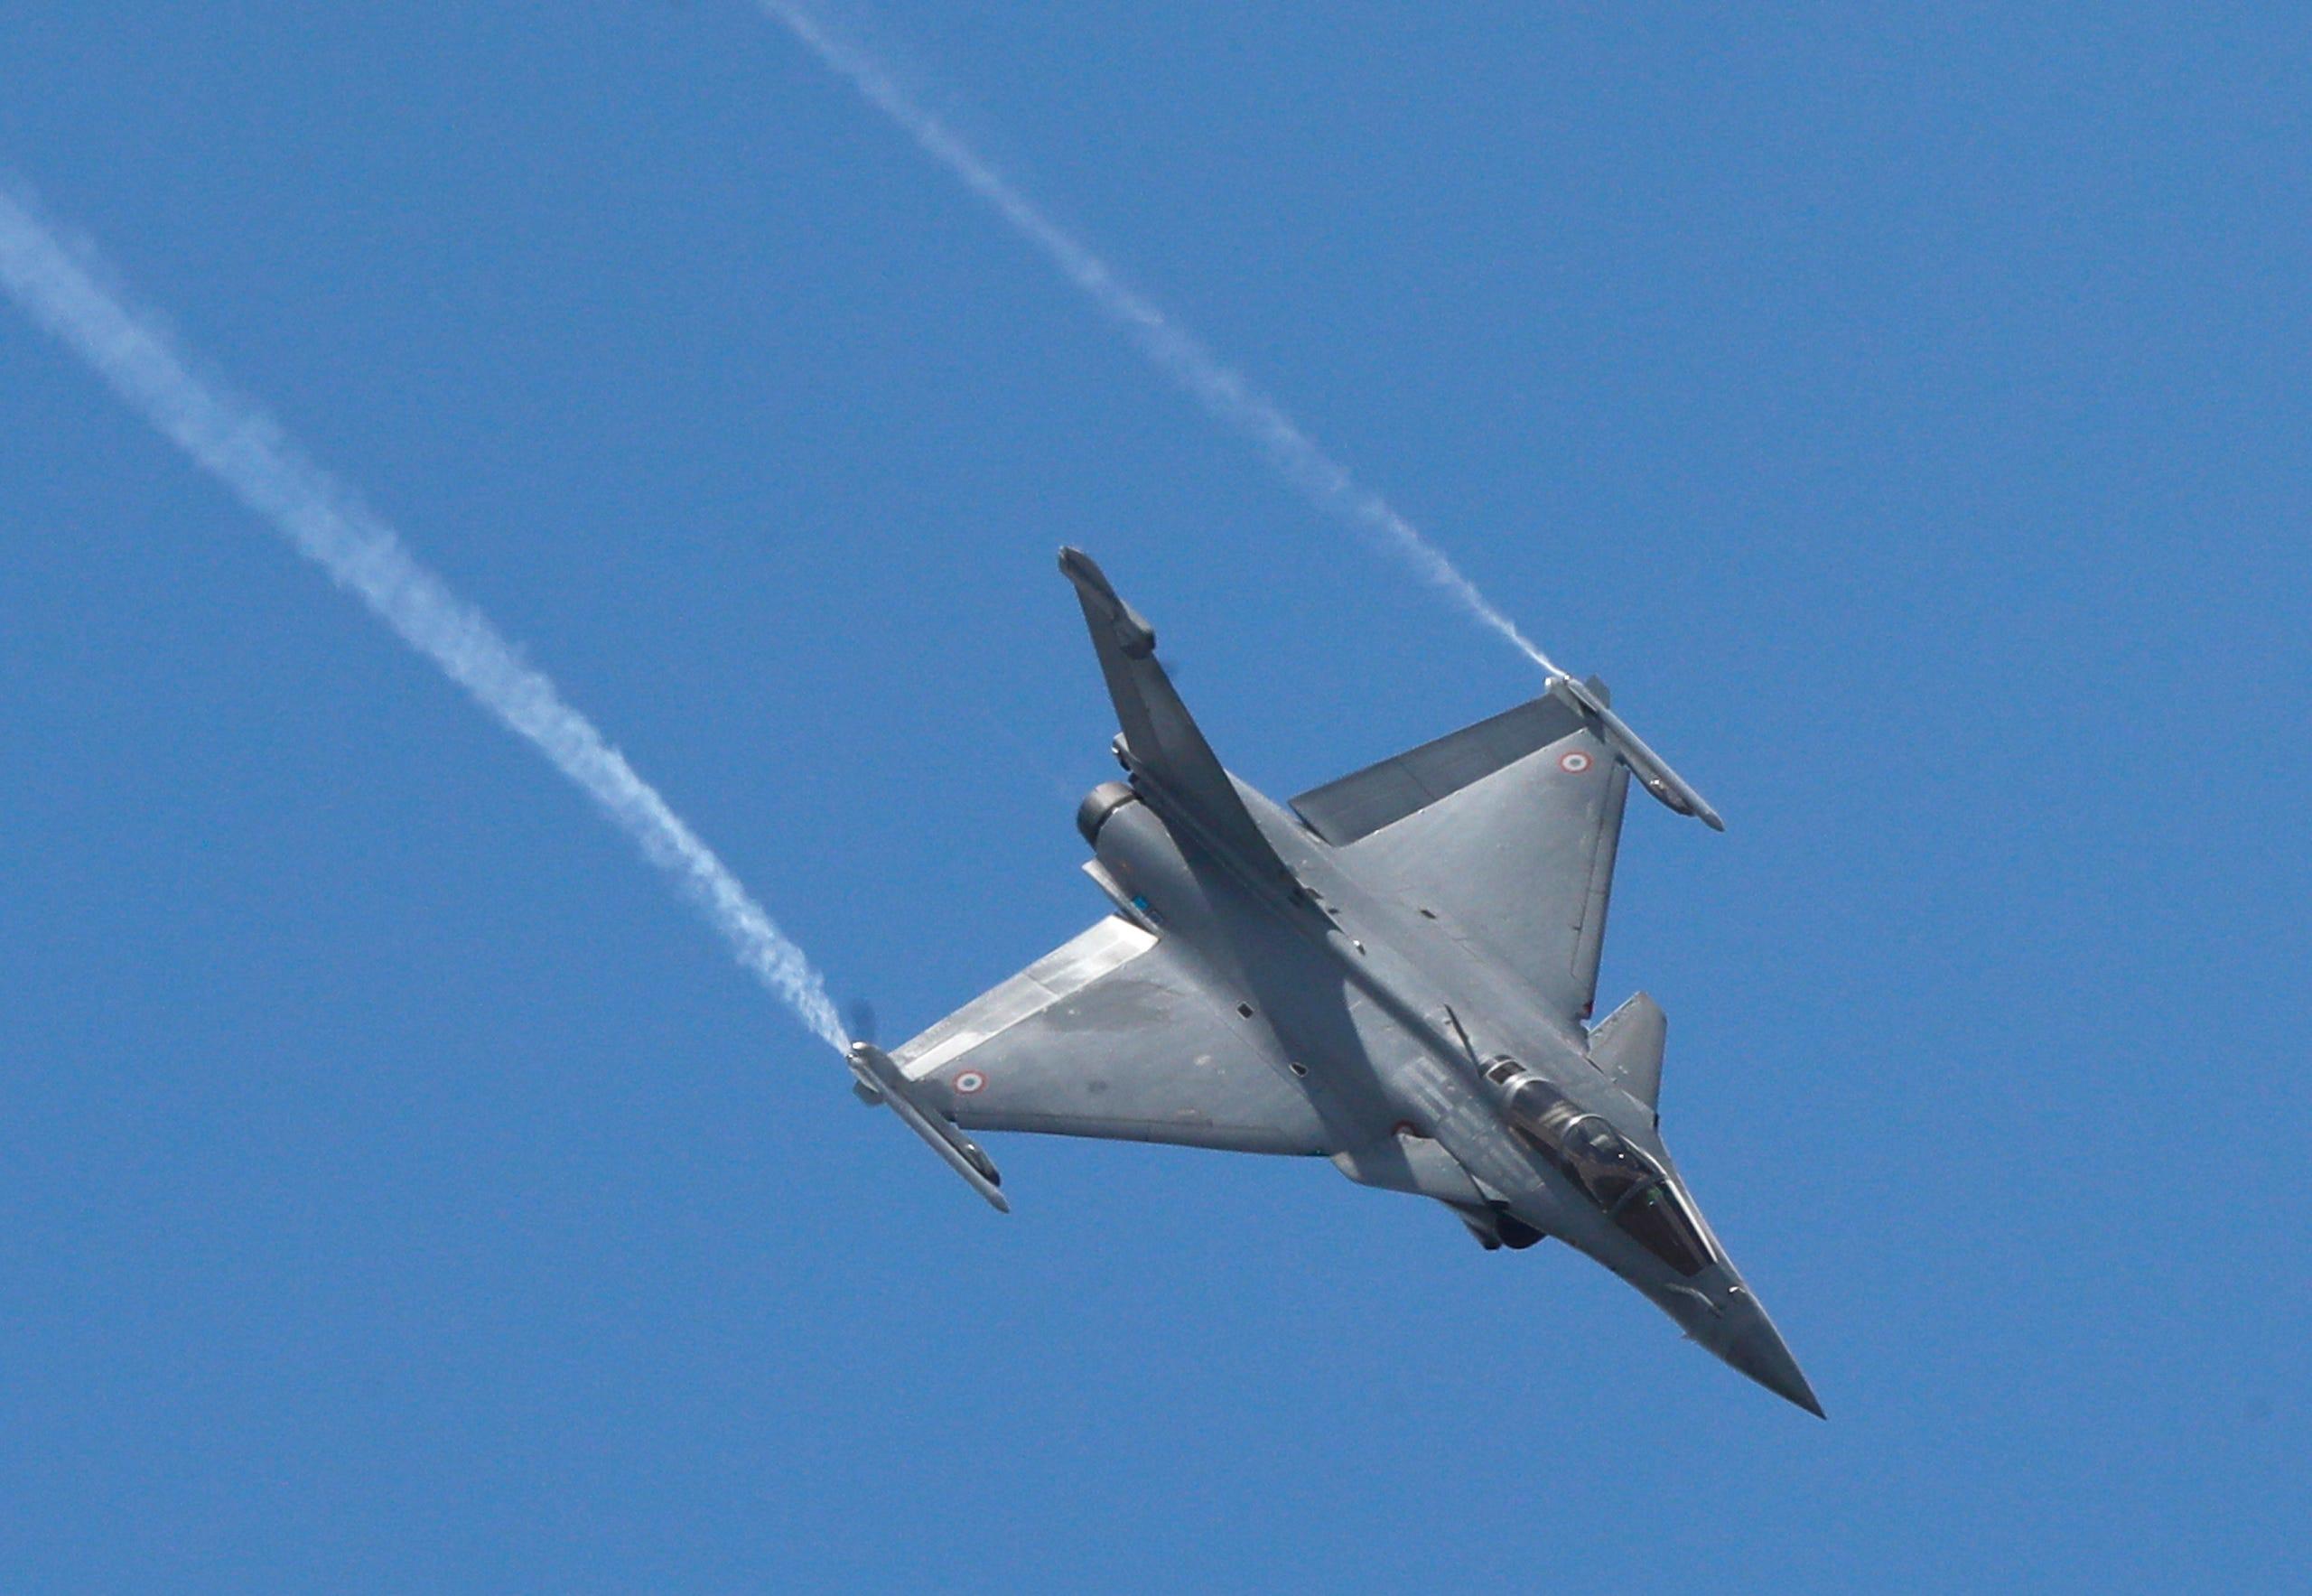 A Dassault Rafale fighter jet, June 17, 2019.